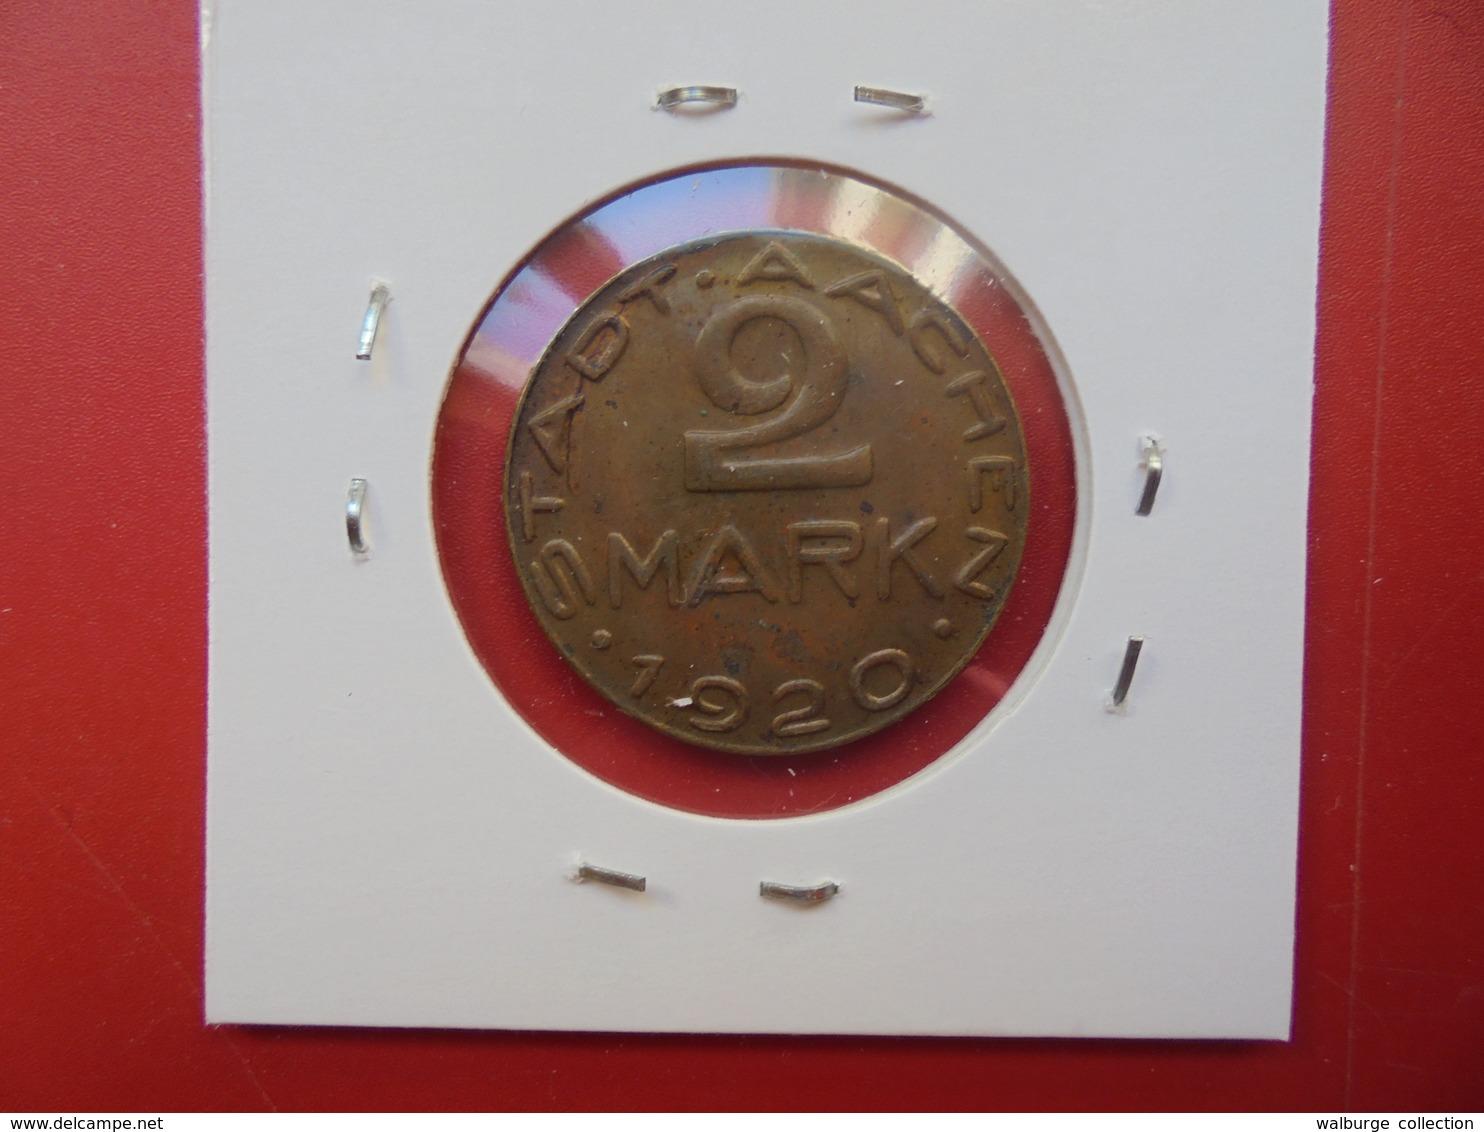 AACHEN 2 MARK 1920 - [ 3] 1918-1933 : Weimar Republic